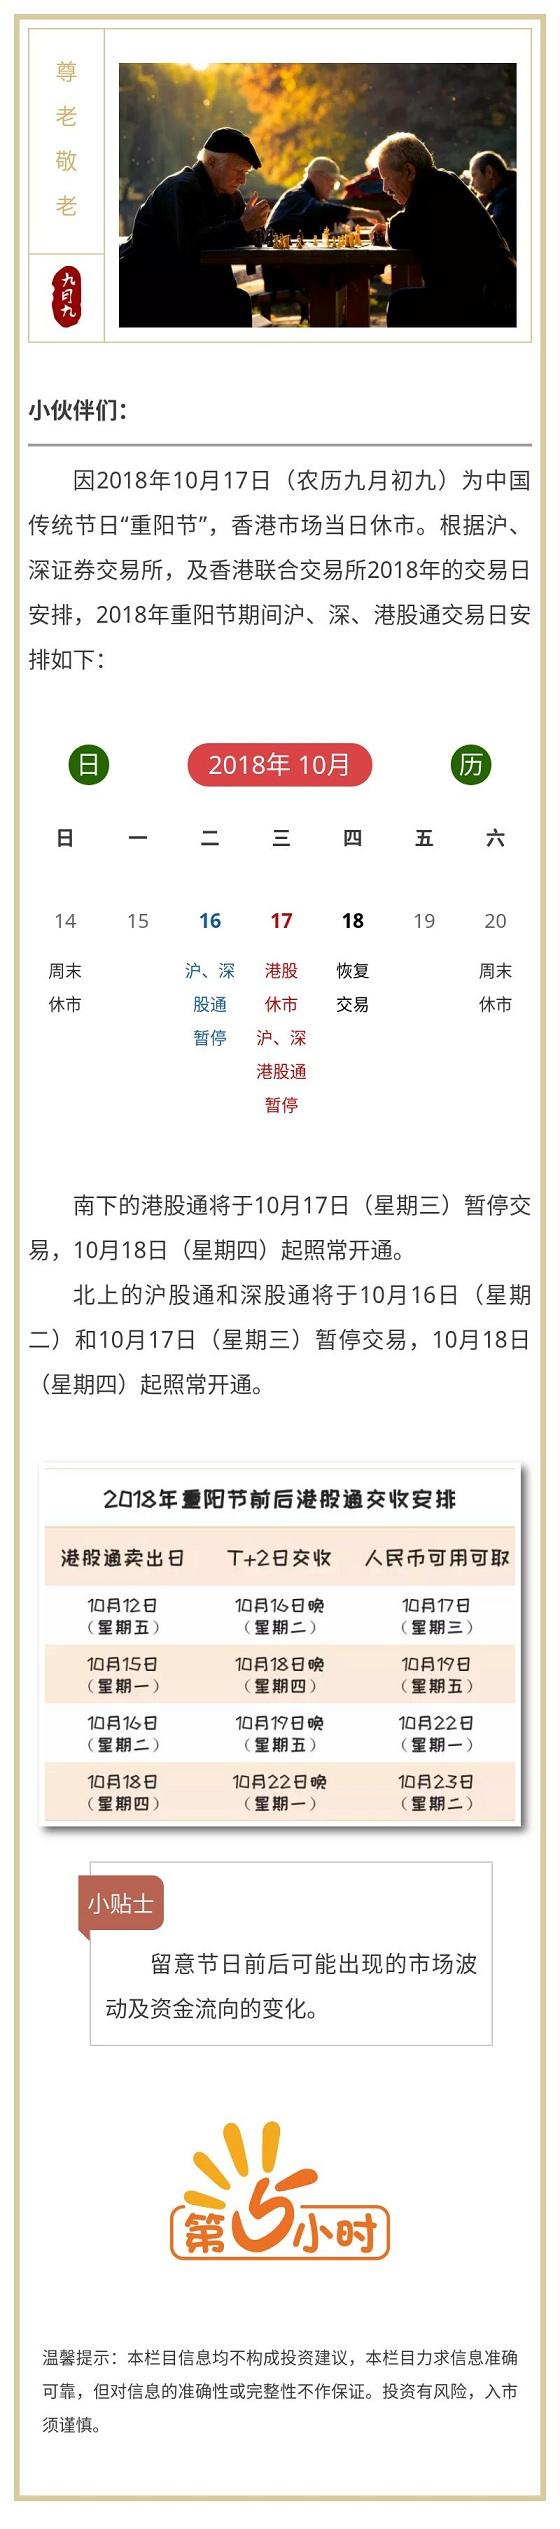 2018年重阳节港股通交易安排(附:节日前后港股通清算交收安排).jpg